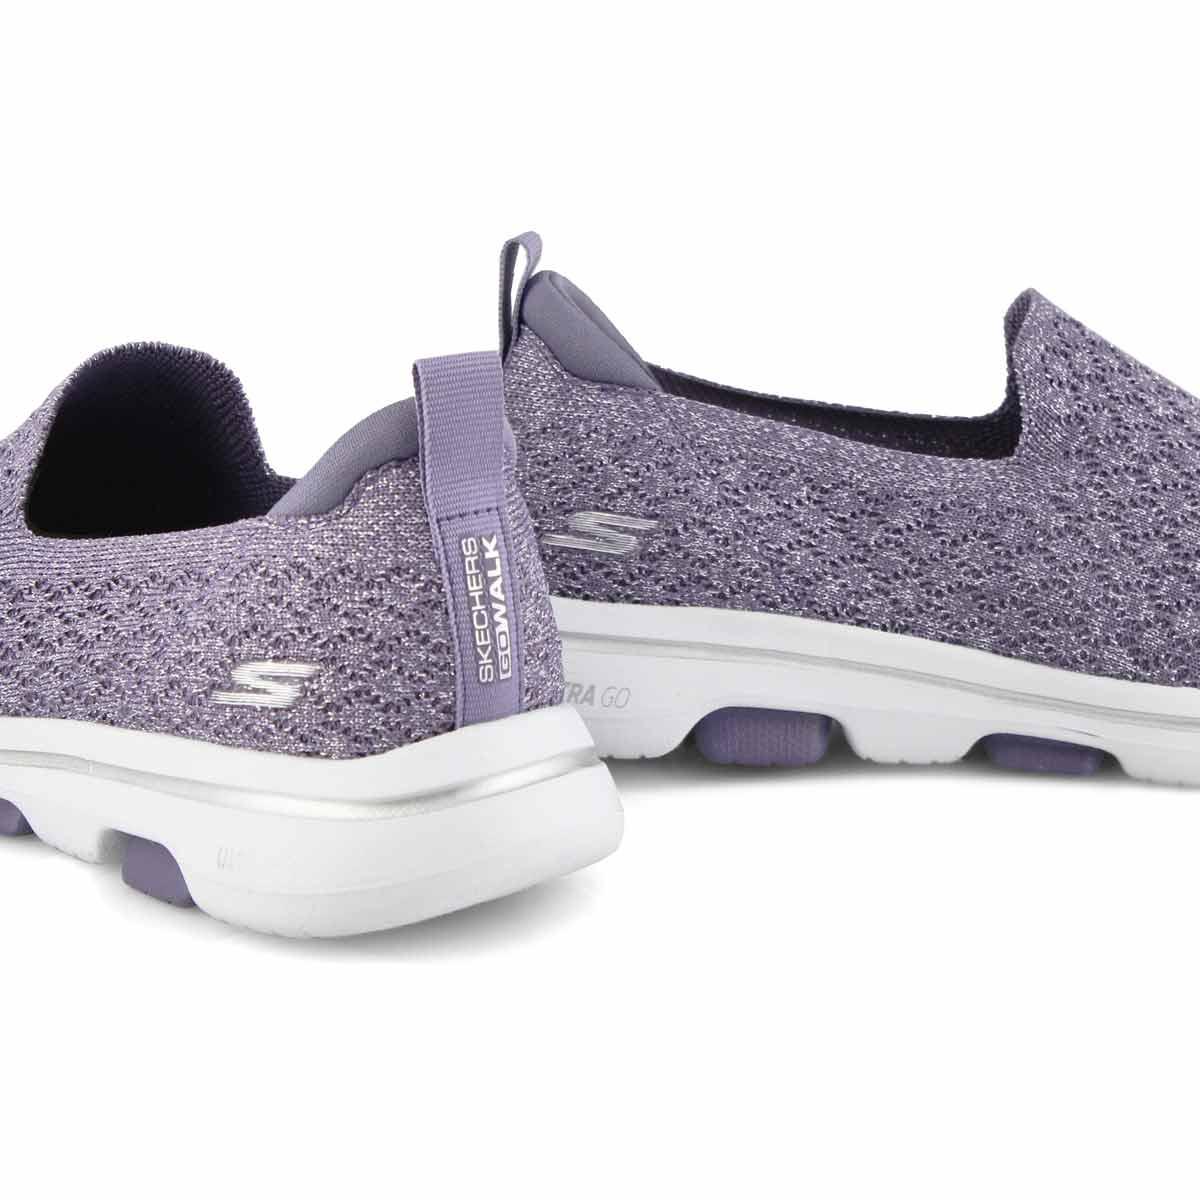 Espa,à enfiler GOwalk 5 Brave violet,fem